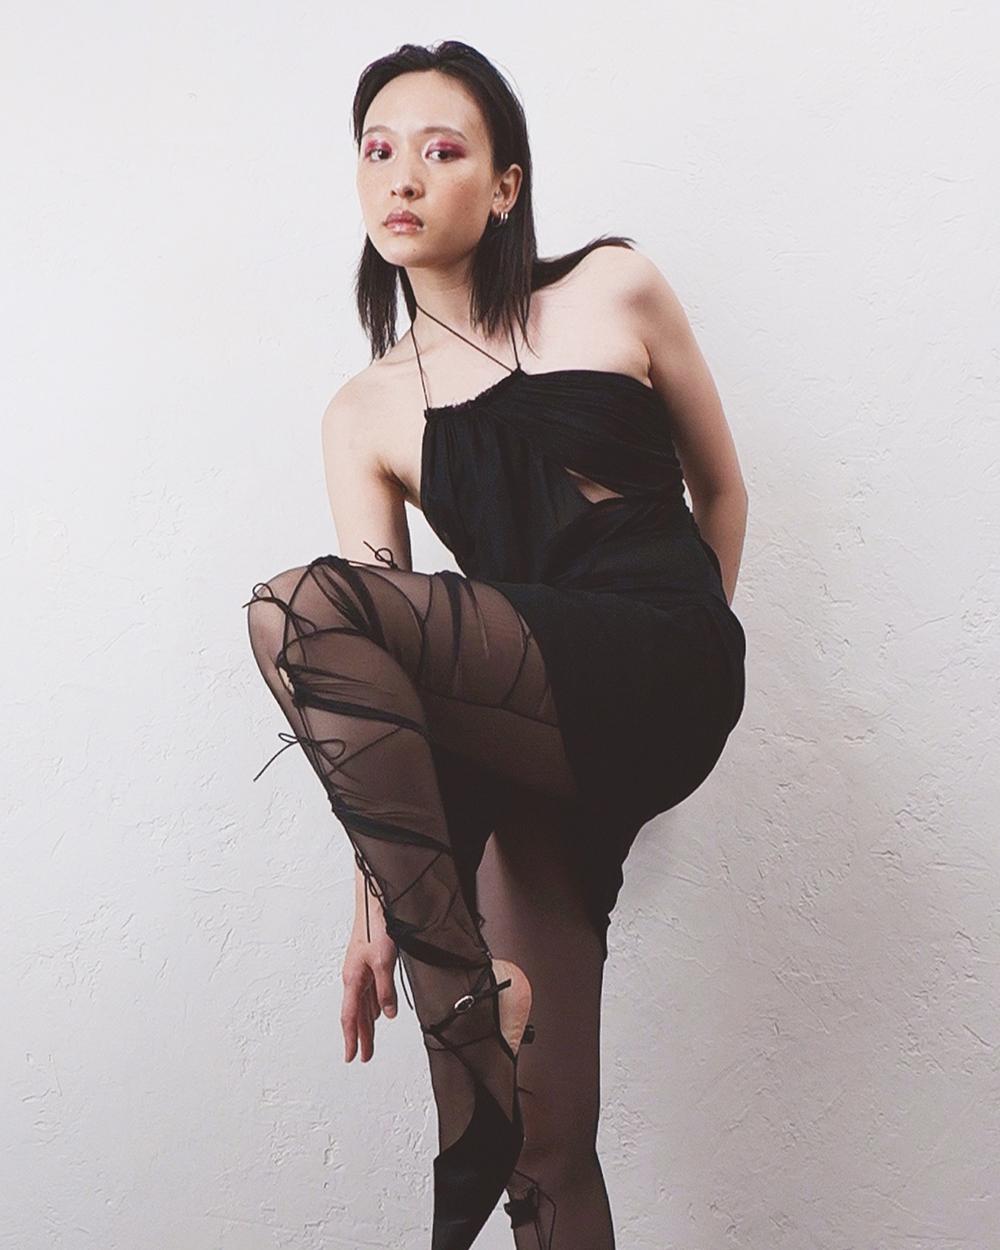 Ron Wan for JOYCE Spot Hong Kong Featuring Nesi Dojaka Womenswear